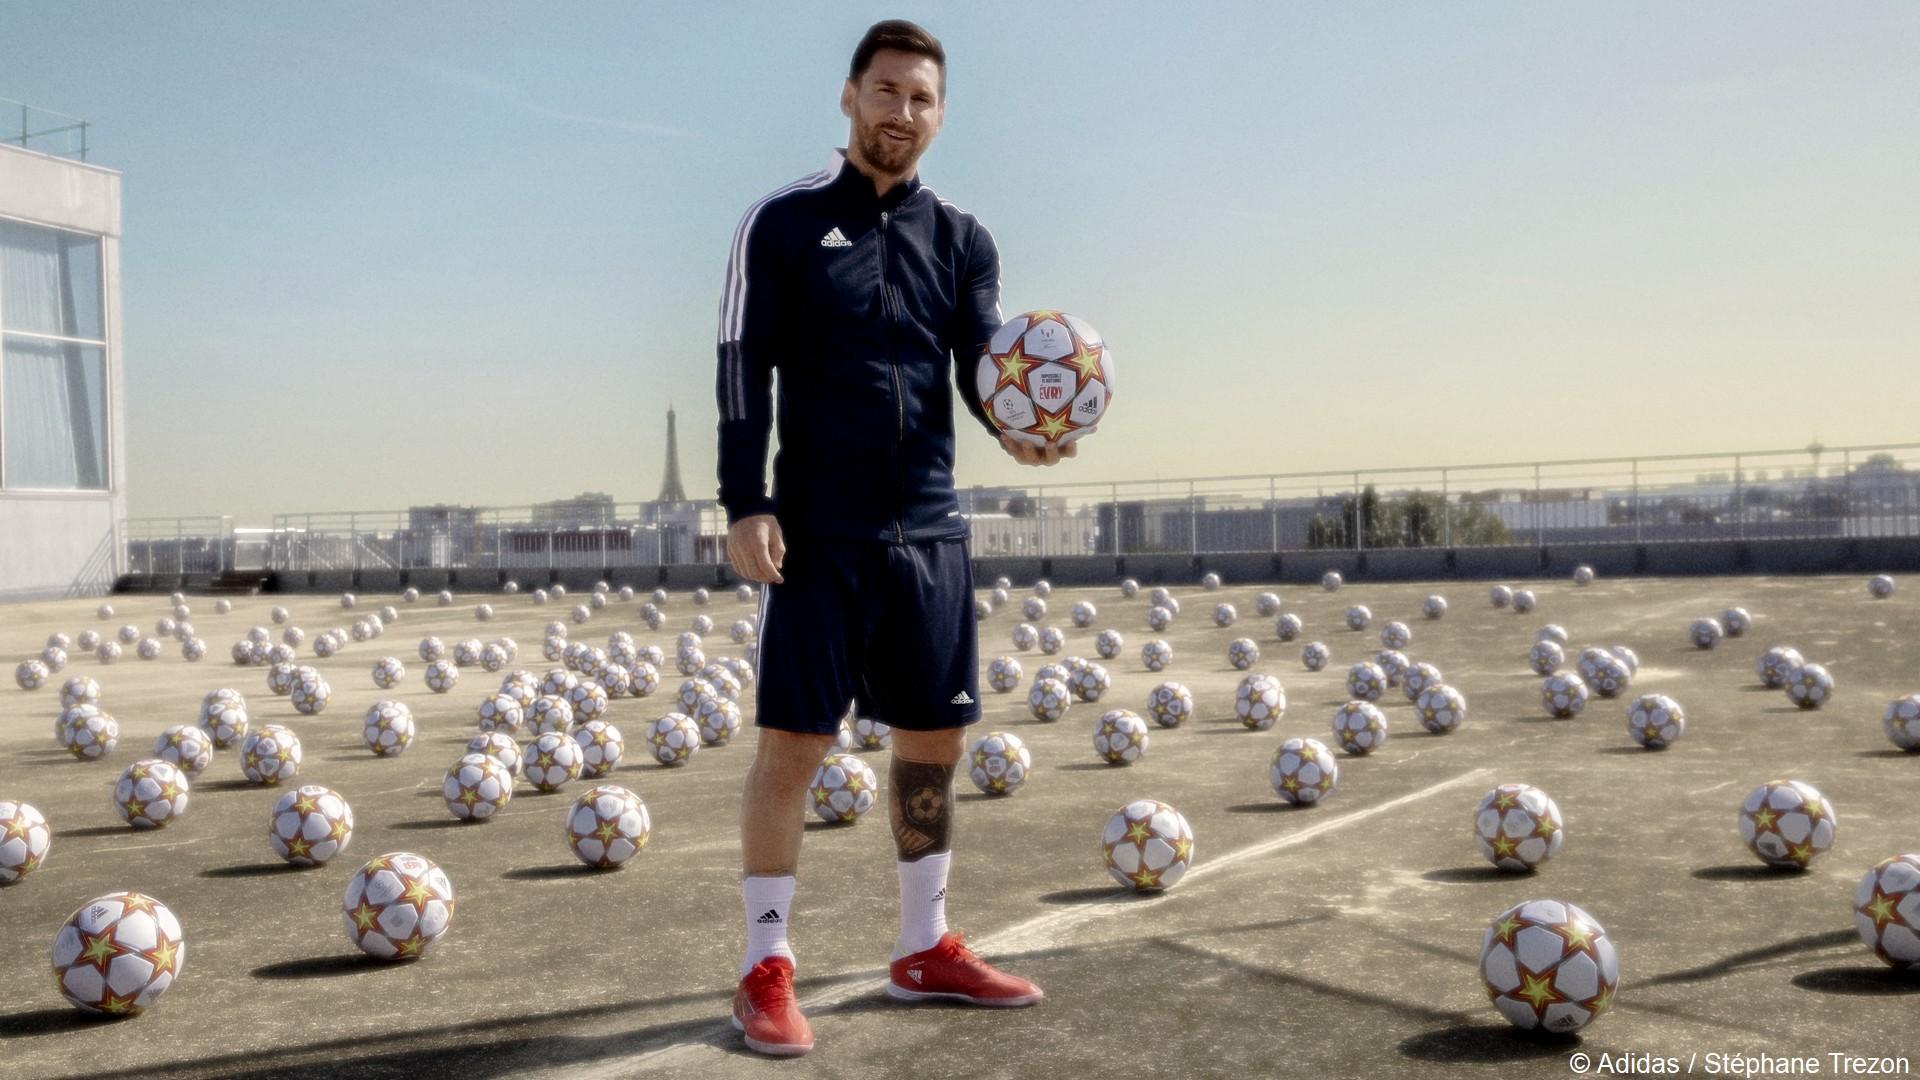 Adidas x Lionel Messi (1) 2021